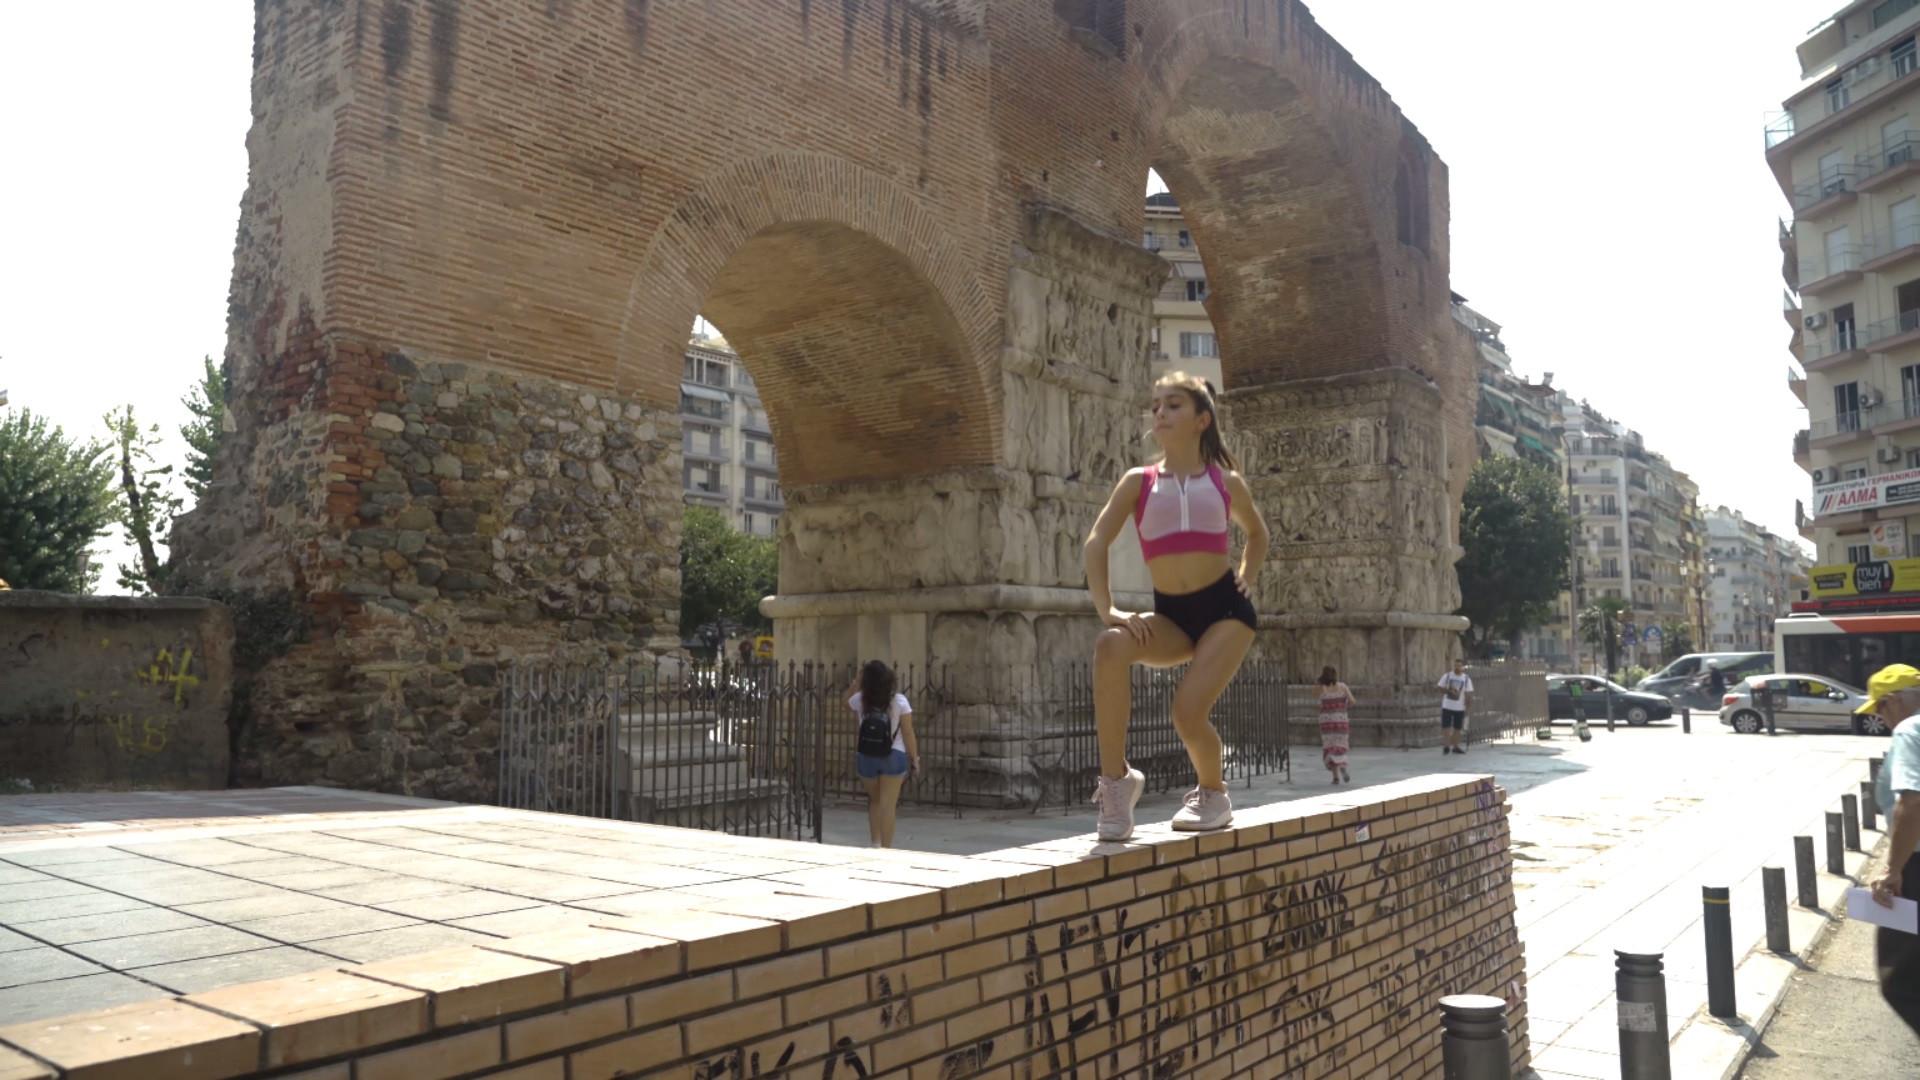 """Όλη η ομορφιά της ενόργανης γυμναστικής και της Θεσσαλονίκης, στο εντυπωσιακό βίντεο του """"Horizon Cup"""", με την υπογραφή του Κώστα Καλδάρα"""